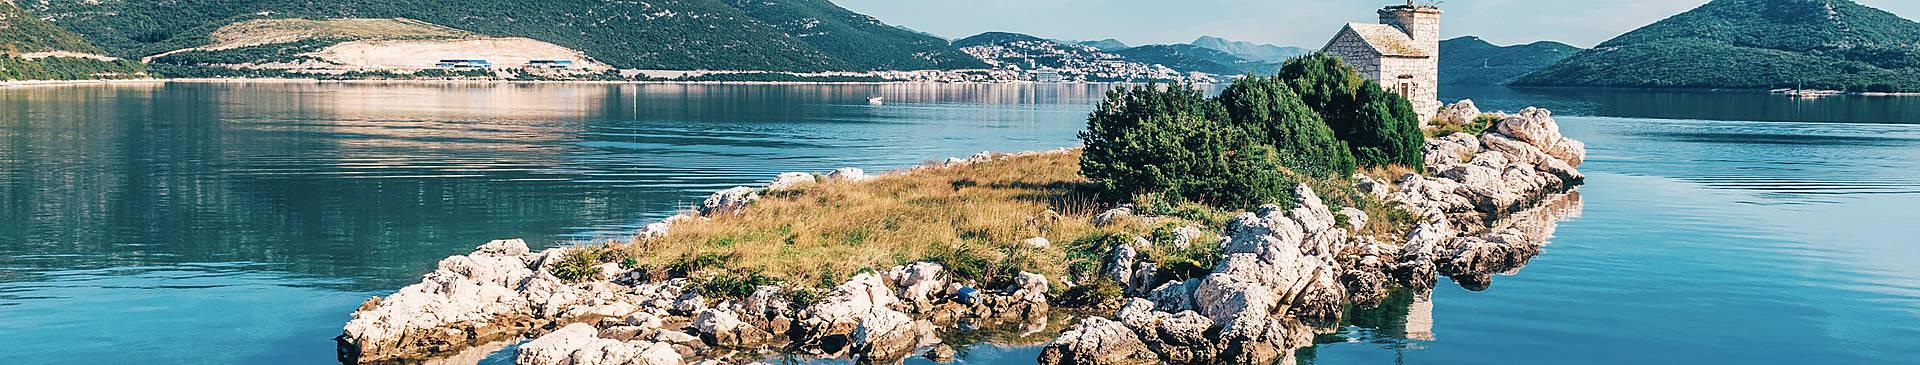 Découverte des îles de Croatie